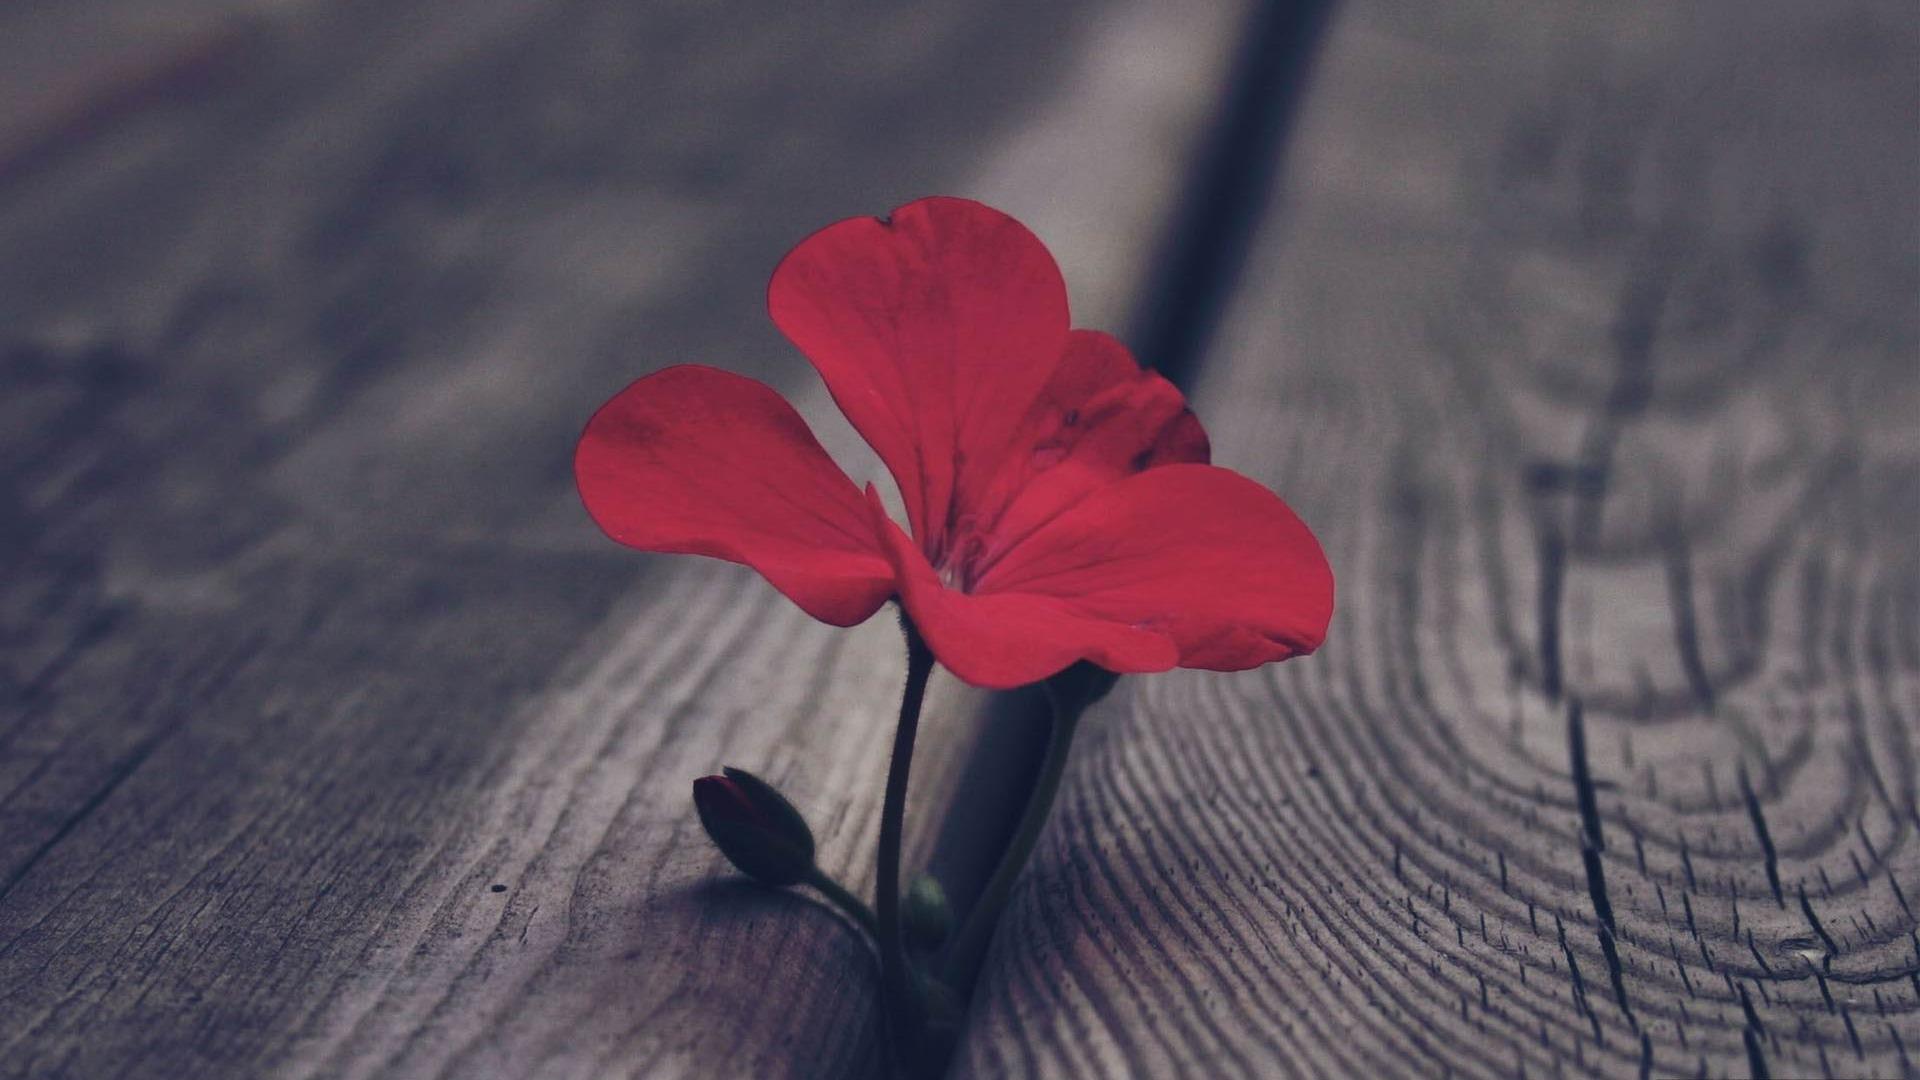 Fond D Ecran Rouge Et Noir Wallpapers